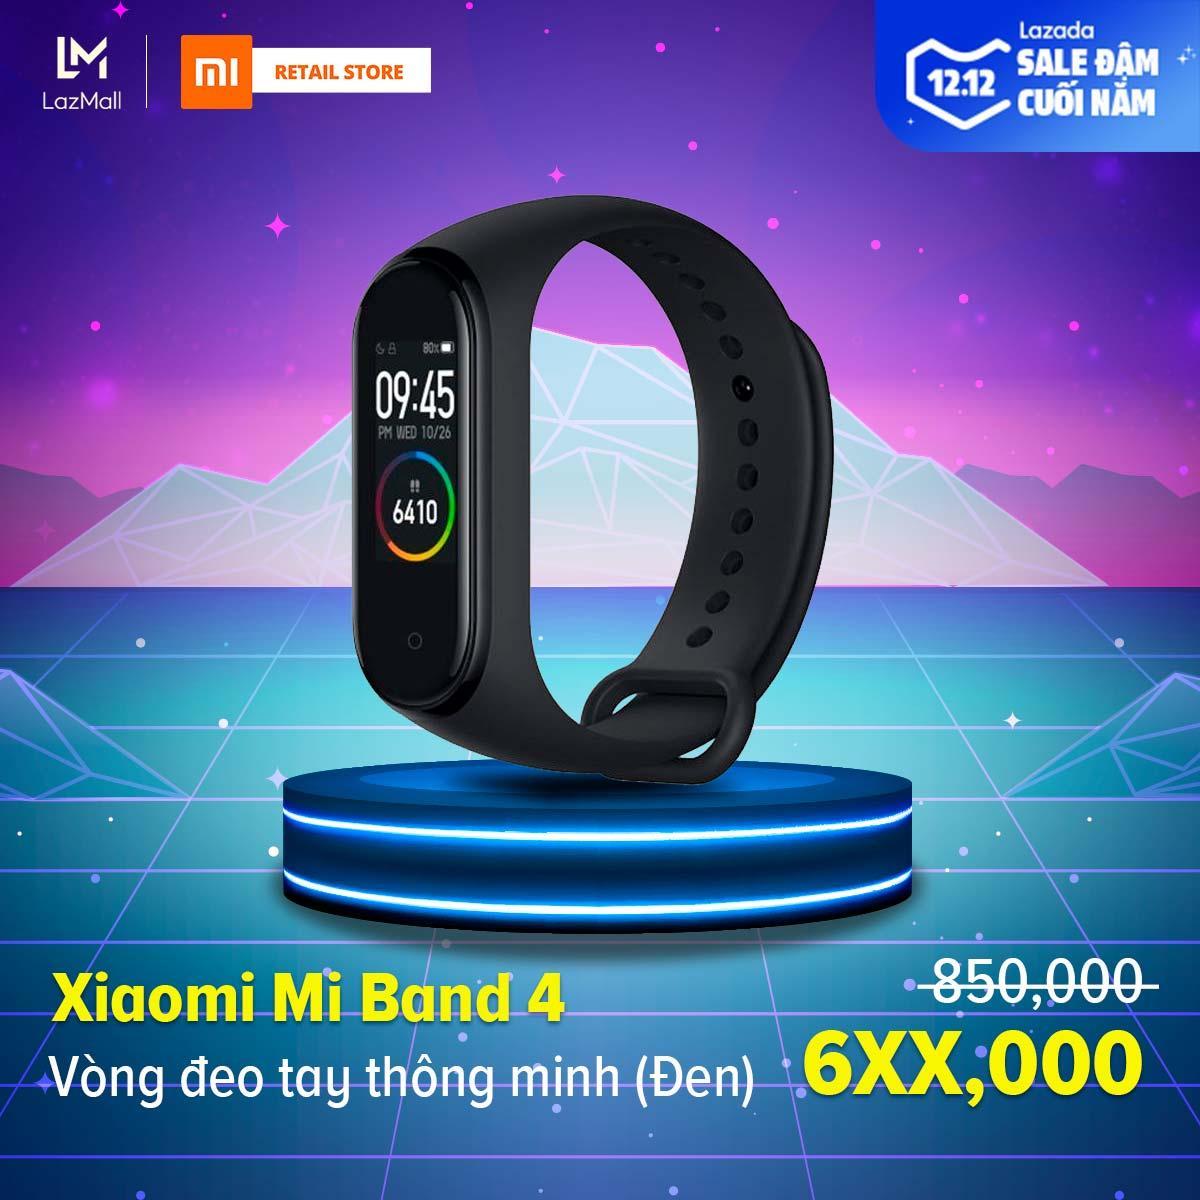 Coupon tại Lazada cho [HÀNG CHÍNH HÃNG - BẢO HÀNH 12 THÁNG] Vòng đeo Tay Thông Minh Xiaomi Mi Band 4 - Màn Hình AMOLED 0.95 Inch - 6 Chế độ Tập Luyện - Hỗ Trợ Tiếng Việt - Chống Nước 50m